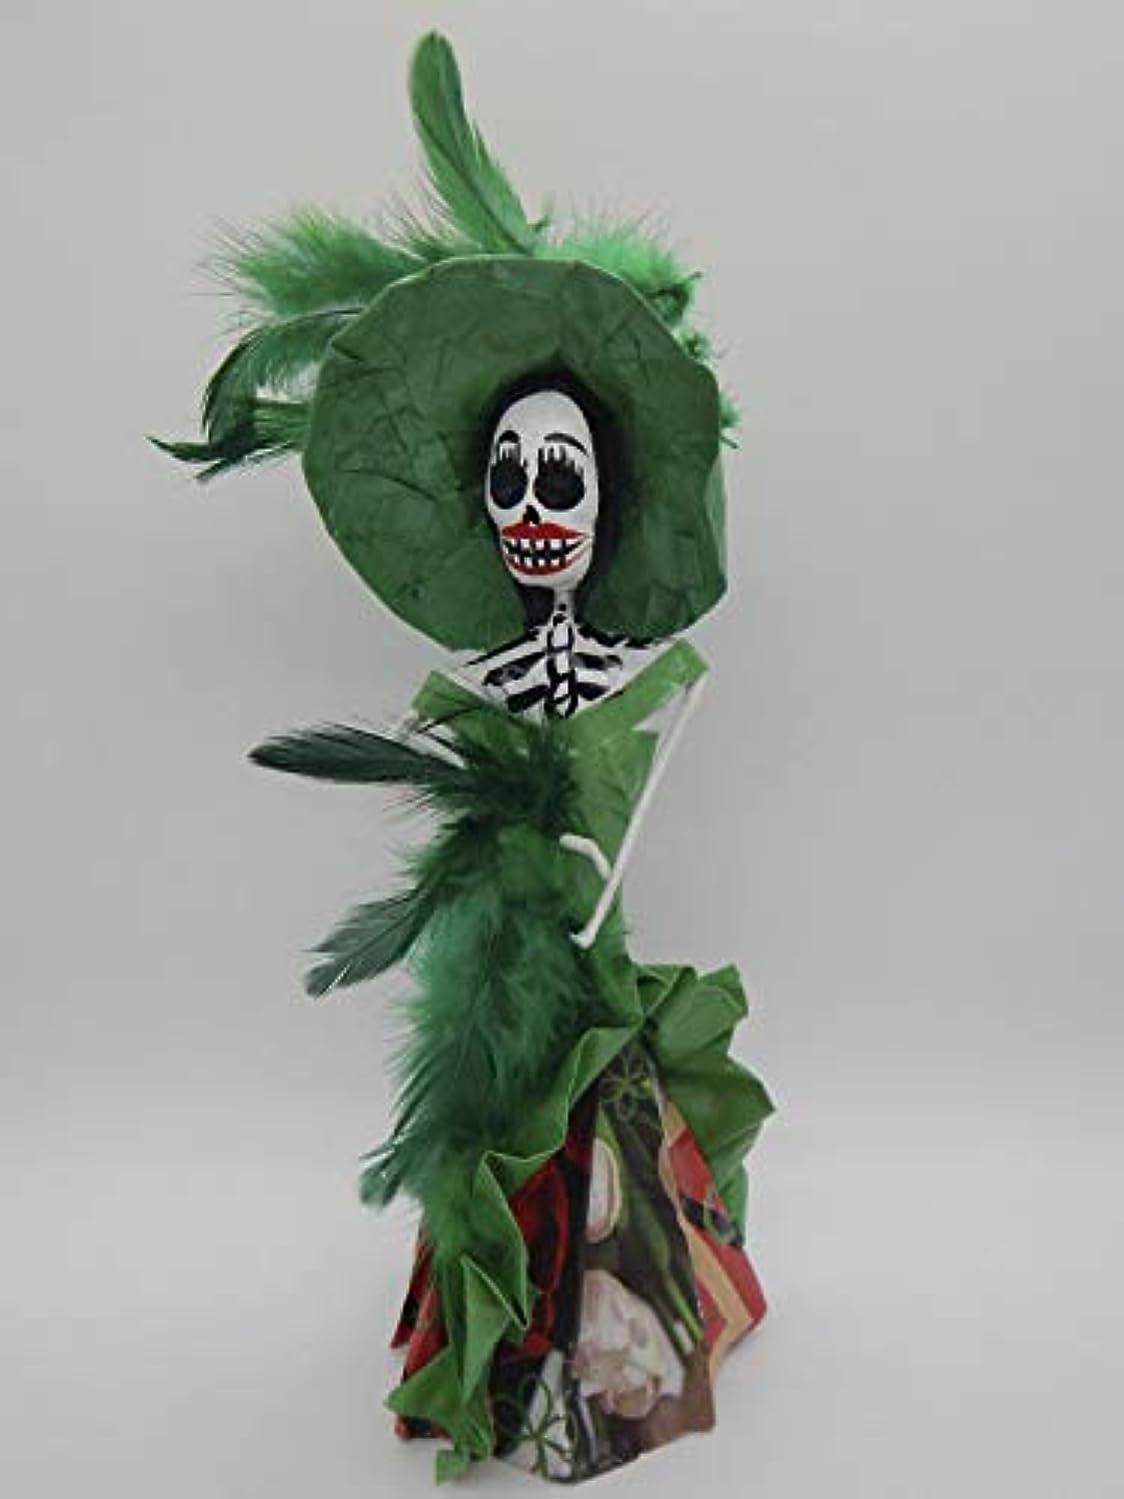 COLOR Y TRADICIóN Mexican Catrina Doll Day of Dead Skeleton Paper Mache Dia de Los Muertos Skull Folk Art Halloween Decoration # 1554